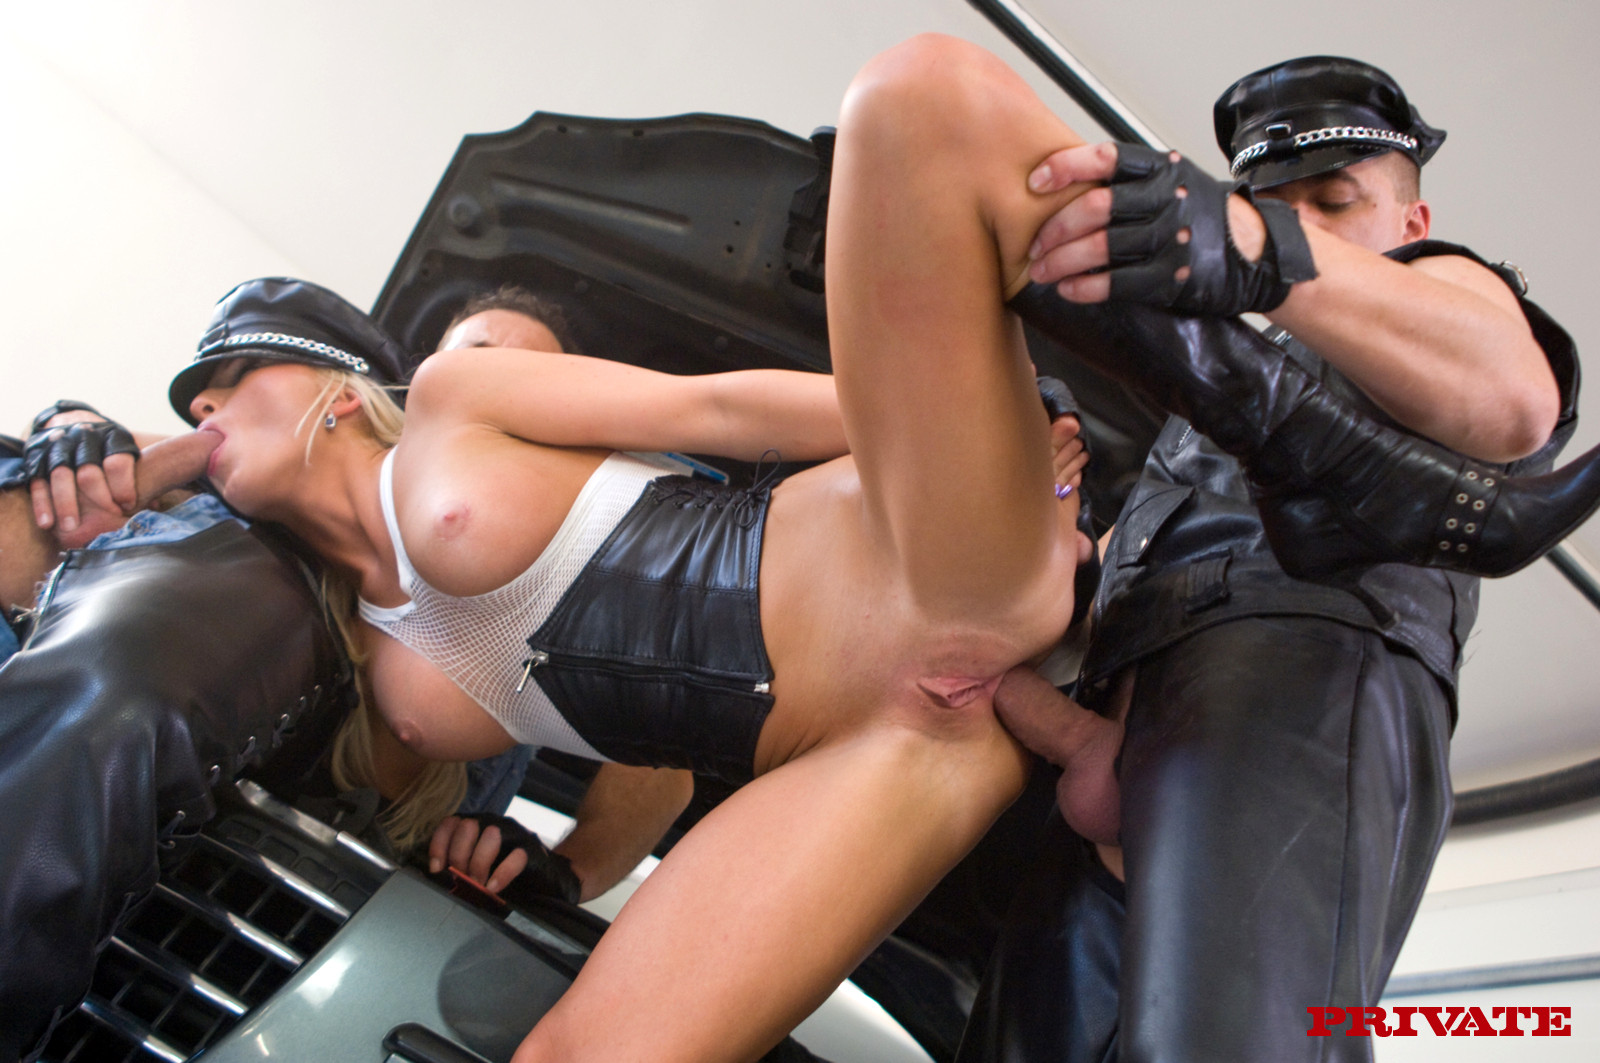 Lisa Ann Police, Jules Jordan Long, Police Women Hot